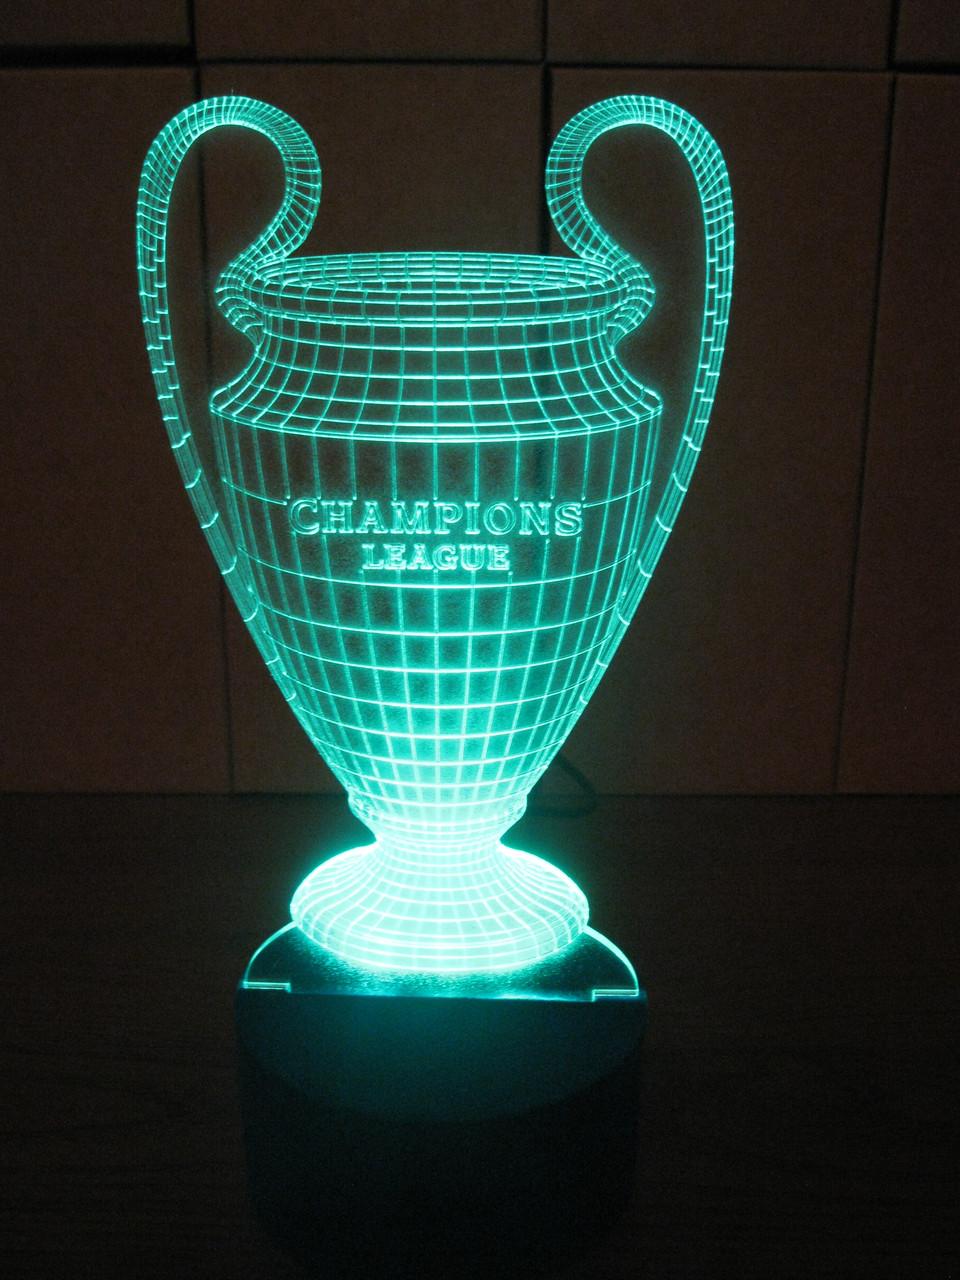 3d-светильник Кубок Лига Чемпионов, 3д-ночник, несколько подсветок (на пульте), подарок футбольному болельщику